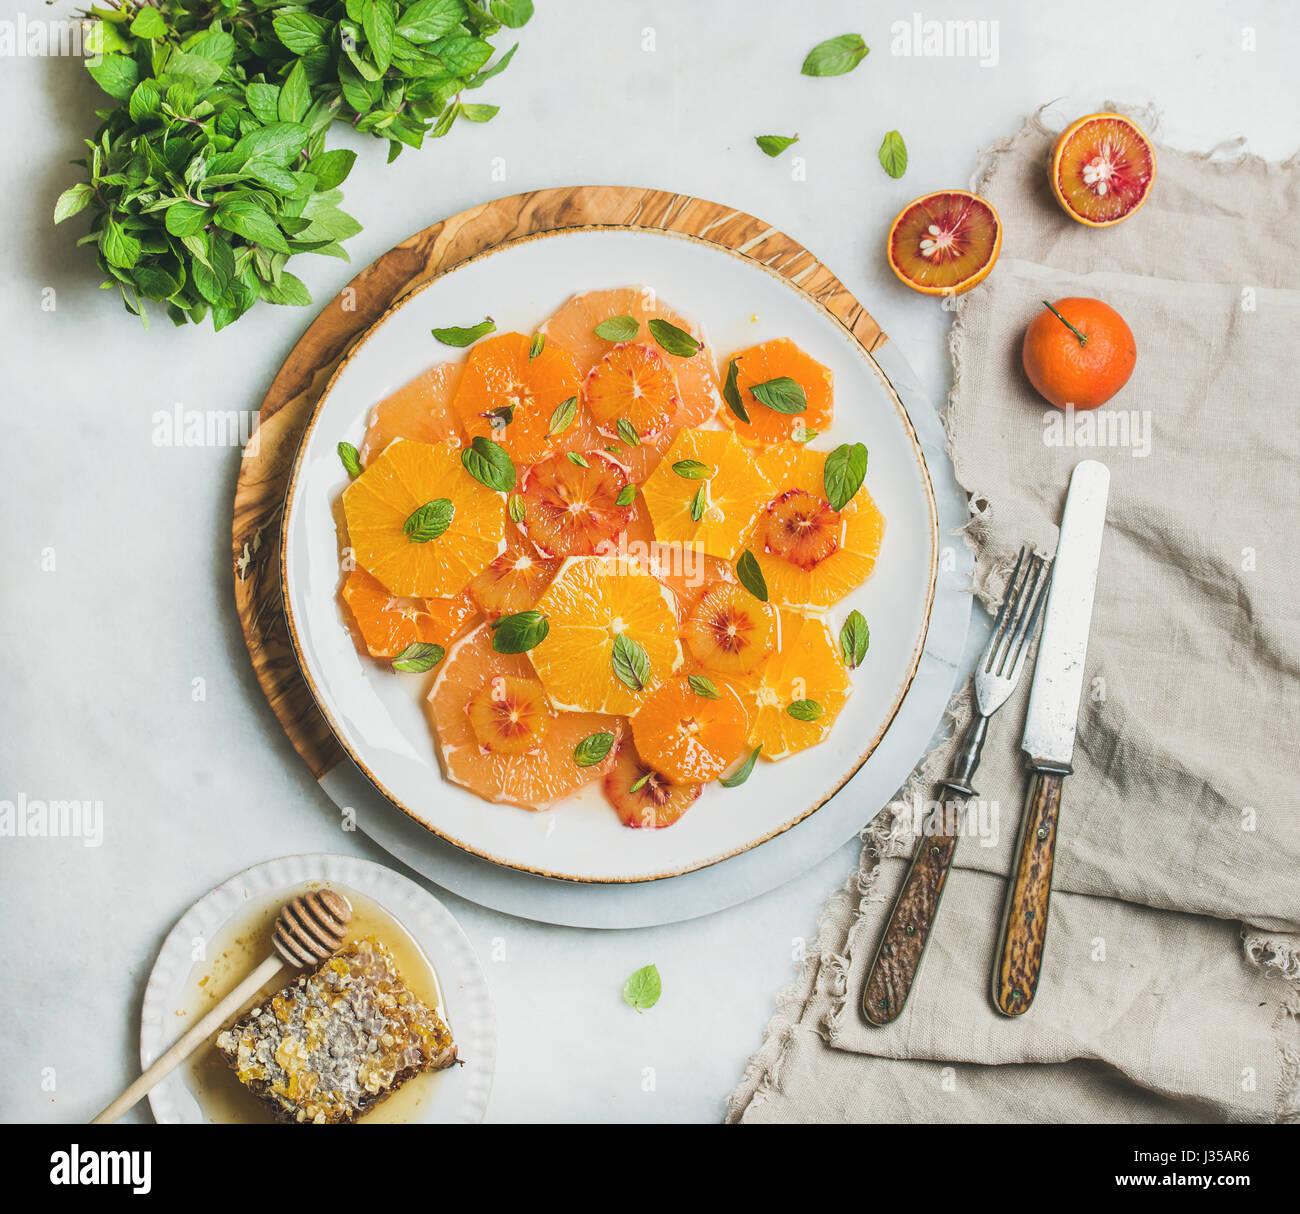 Fresca ensalada de frutas cítricas mezcladas con menta y miel Imagen De Stock